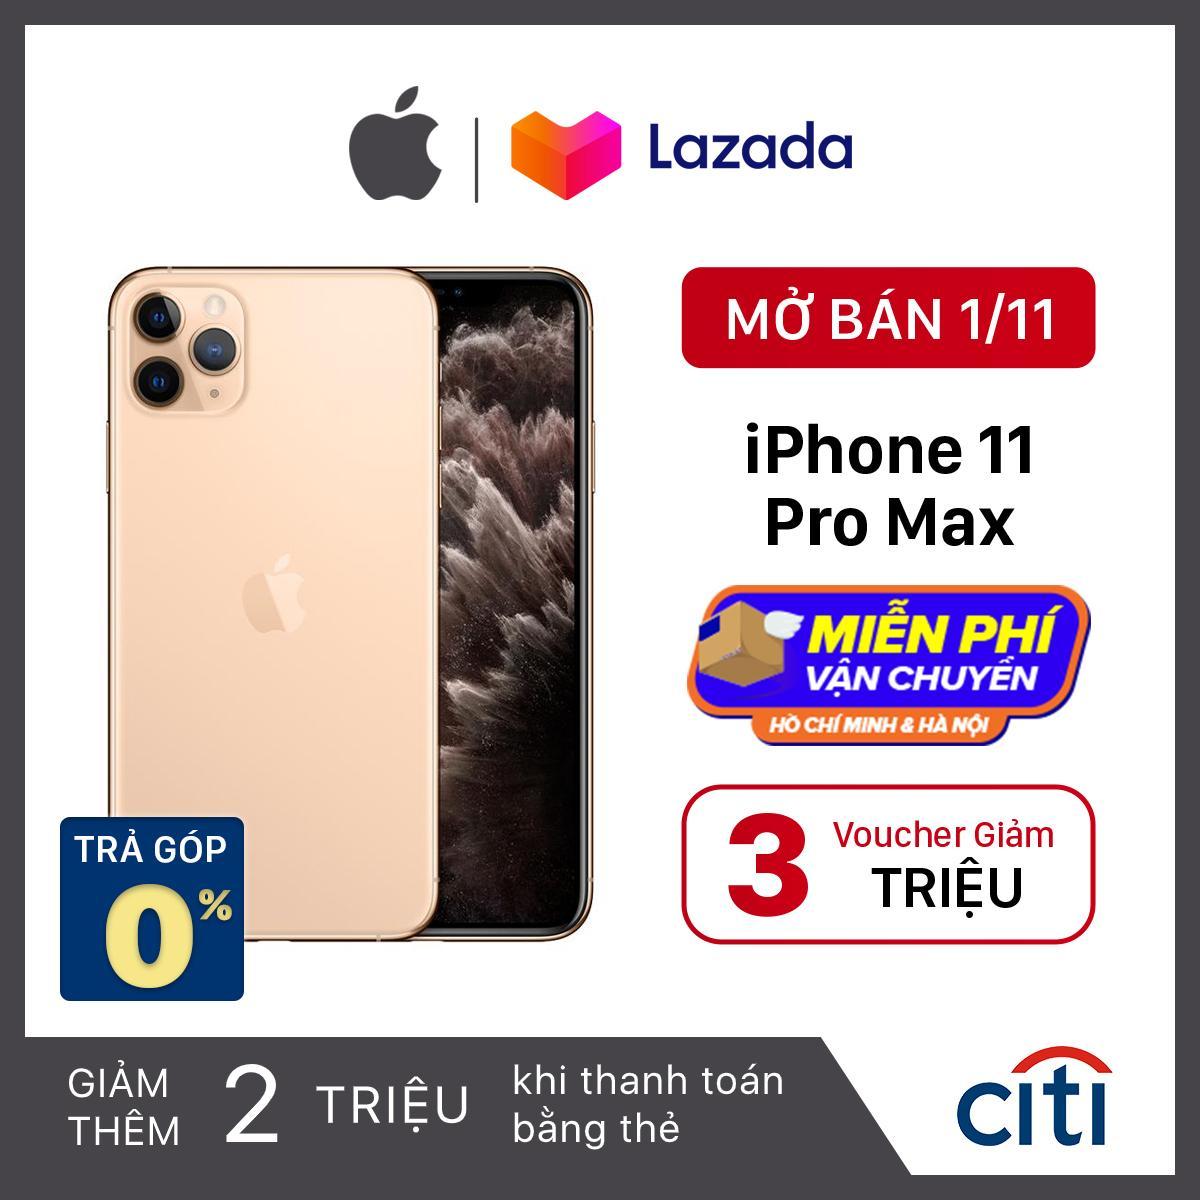 Điện thoại Apple iPhone 11 Pro Max - Phân Phối Chính Hãng VN/A - Màn Hình Super Retina XDR 6.5inch,...